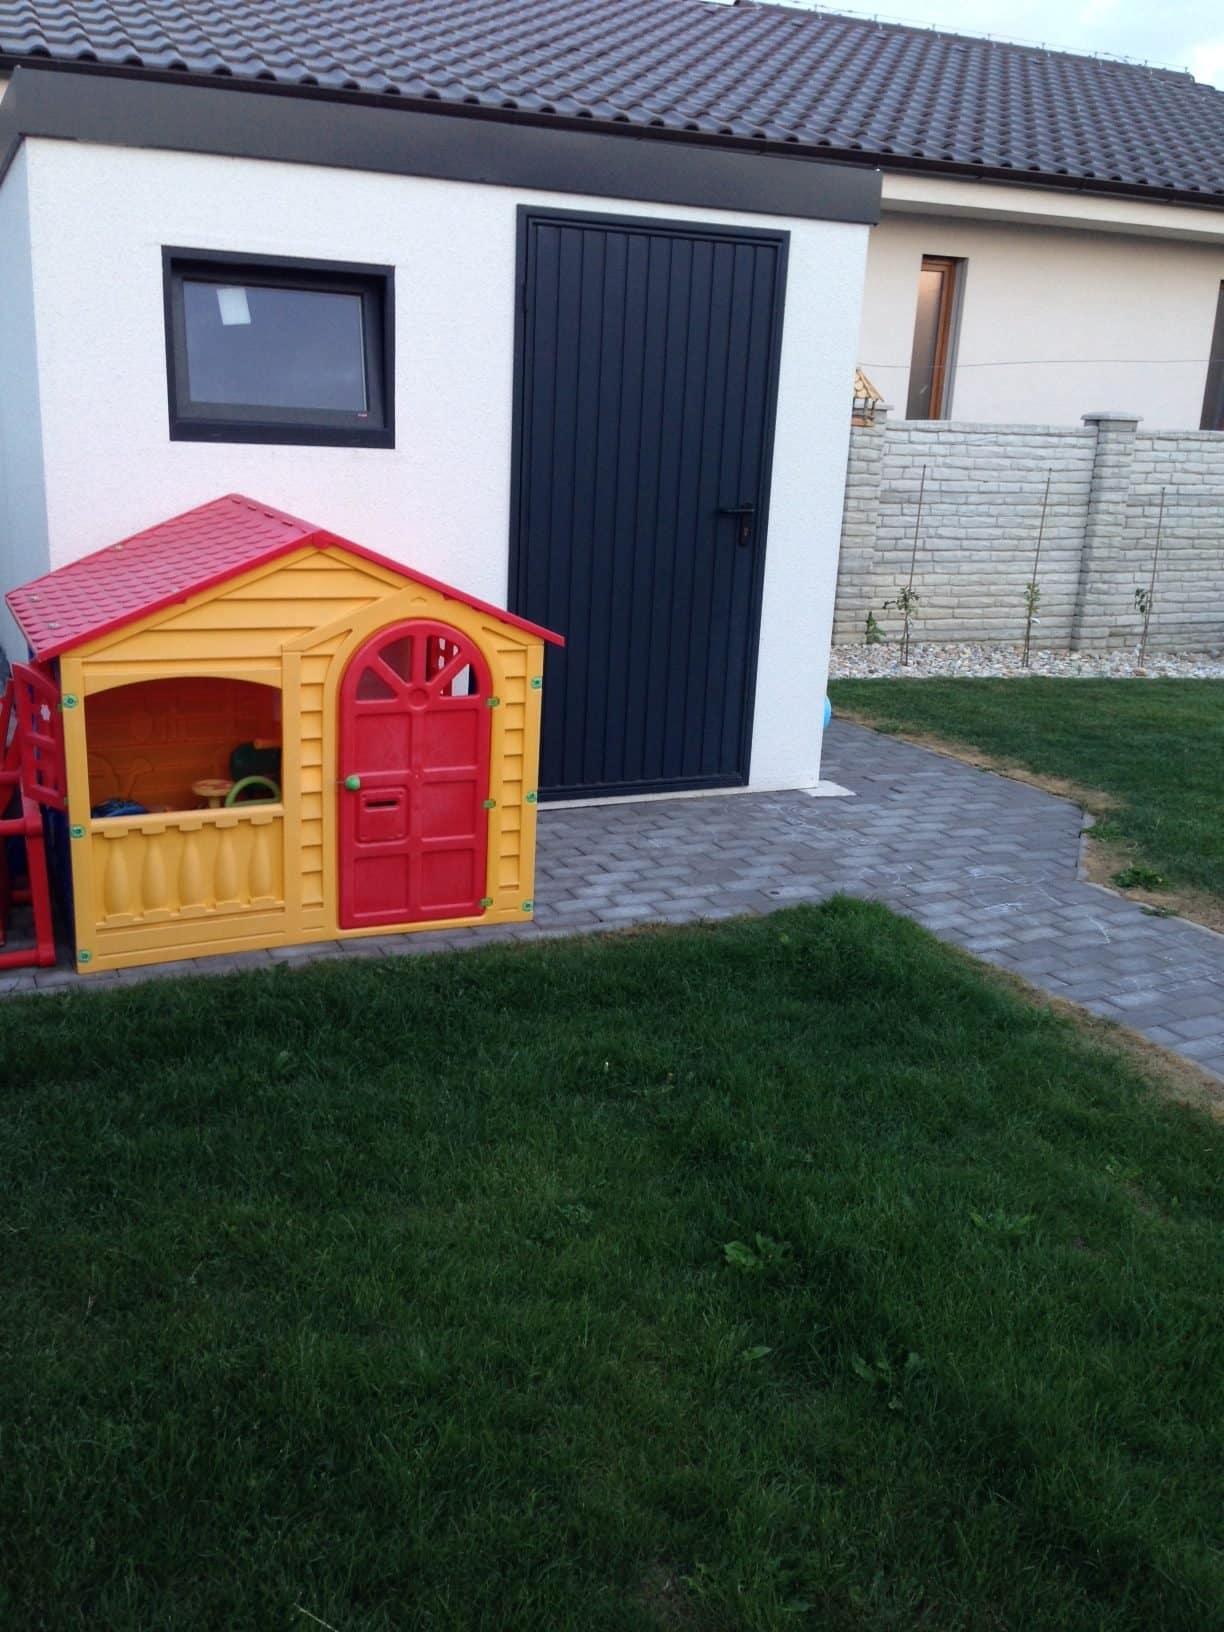 Malý umelý domček pre deti žltej farby s červenou strechou